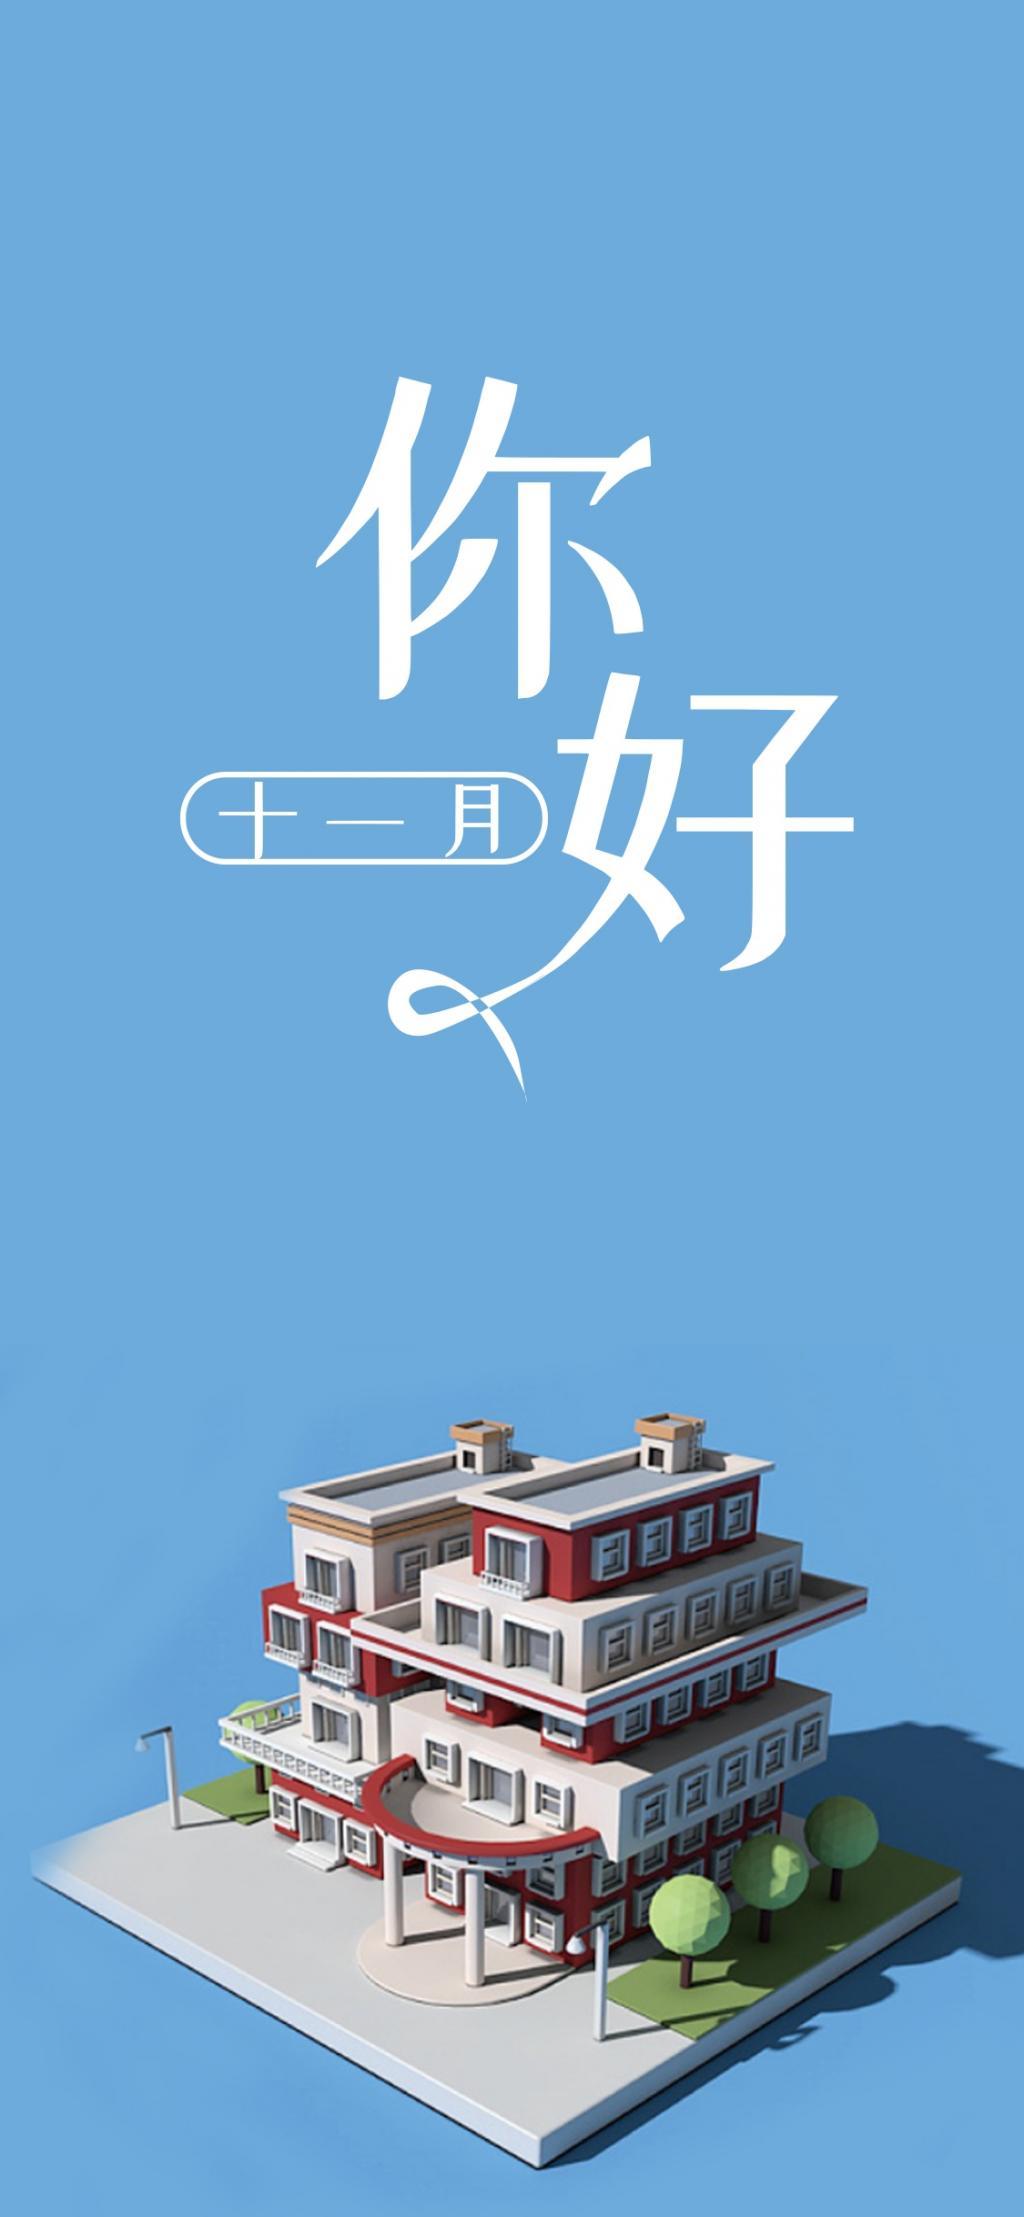 ミニマルな小さな新鮮な風 ロック画面の壁紙の写真をpc Ko Kaいいっ 代替hdの携帯電話の壁紙 11月こんにちは 壁紙